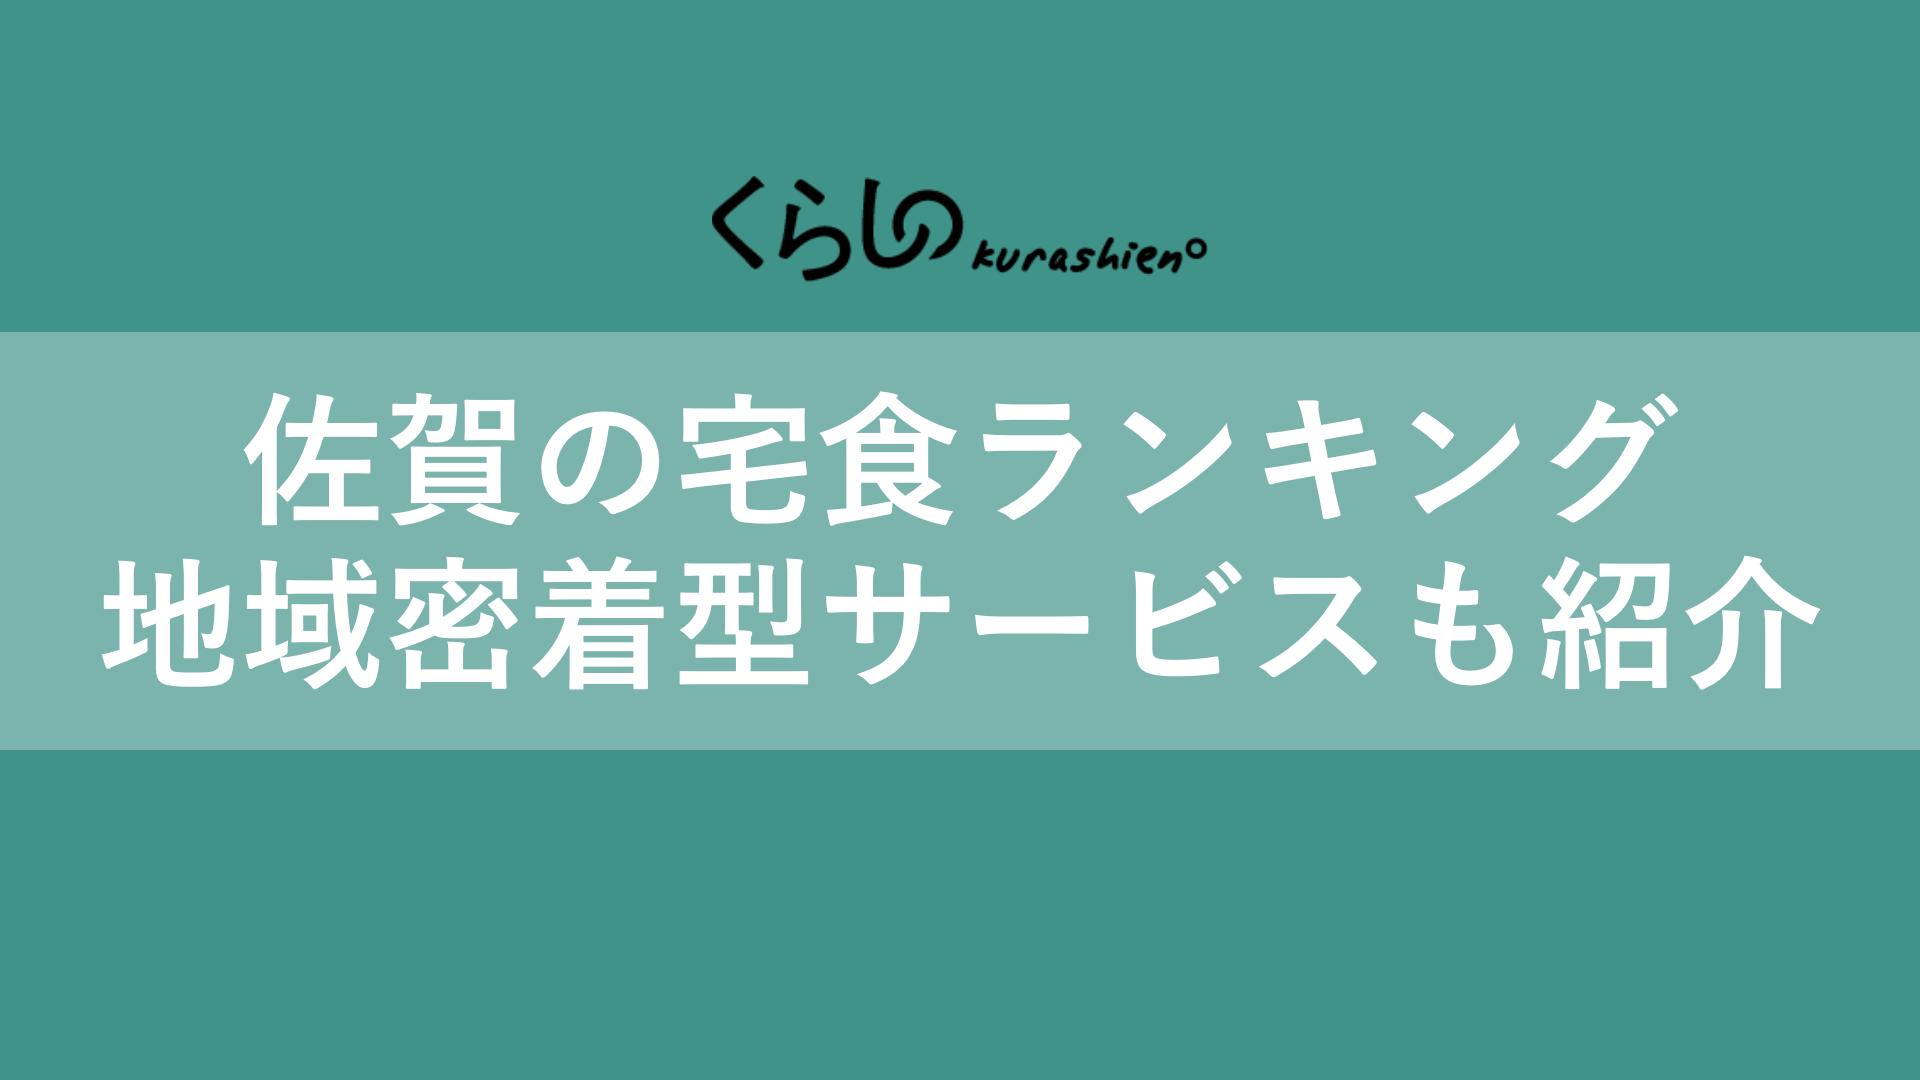 佐賀県の宅食サービス・宅配弁当おすすめランキング!地域密着型サービスも紹介